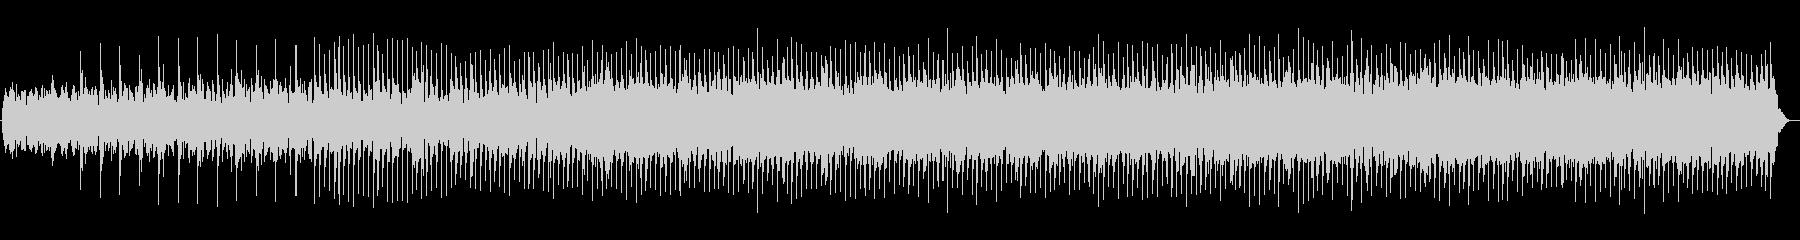 低音の効いたリズミカルな曲の未再生の波形